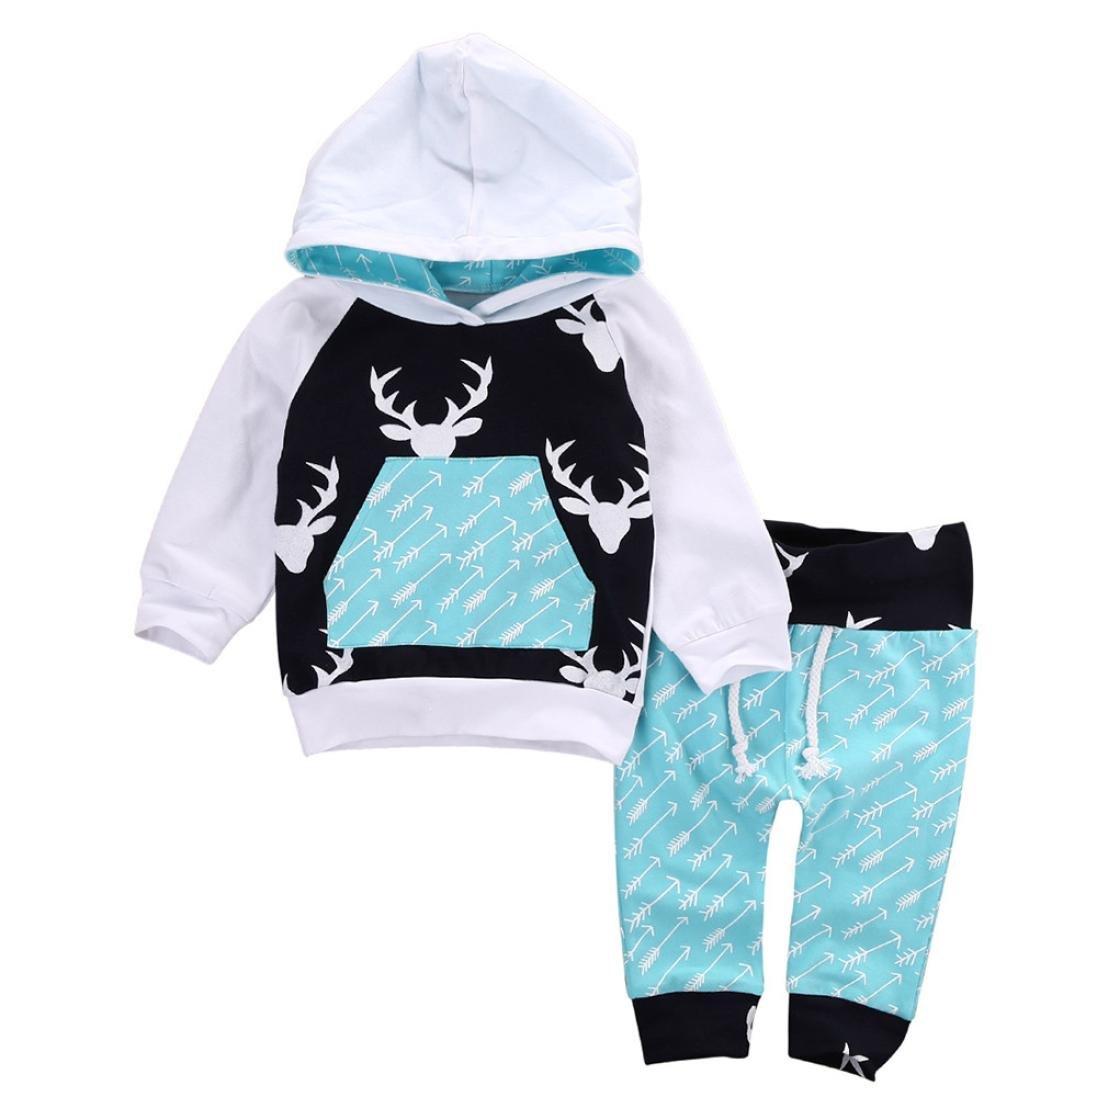 Leegor Baby Elk Hoodie Pullover Kangaroo Pocket Tops Arrow Pants Christmas Outfits